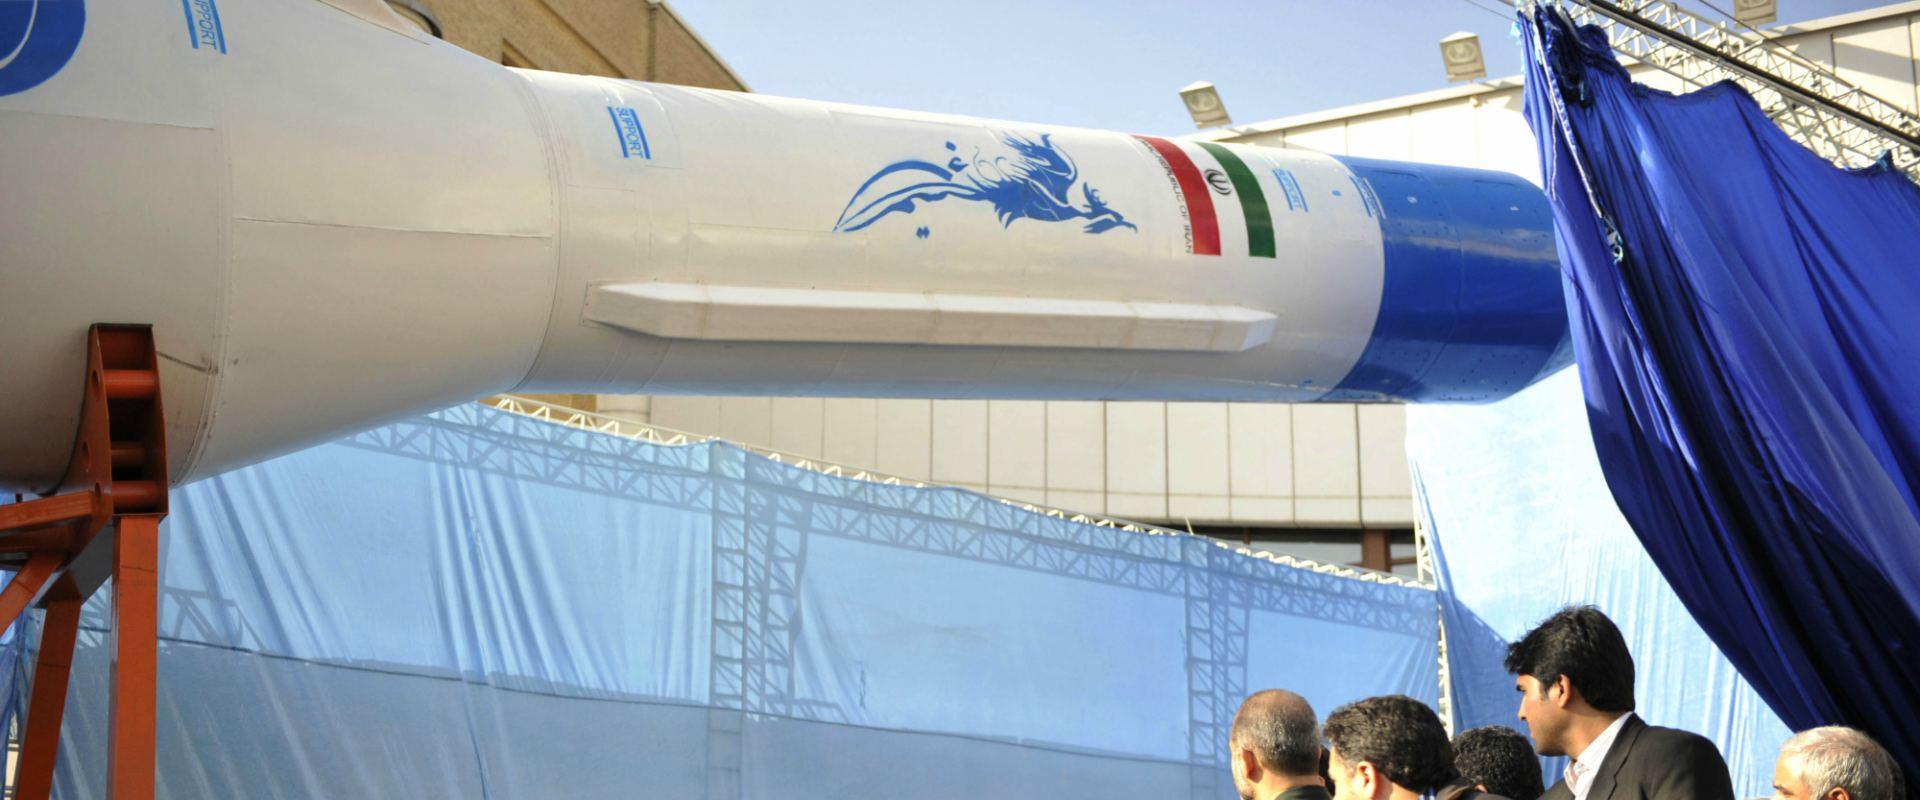 ניסוי במשגר הטיל האיראני